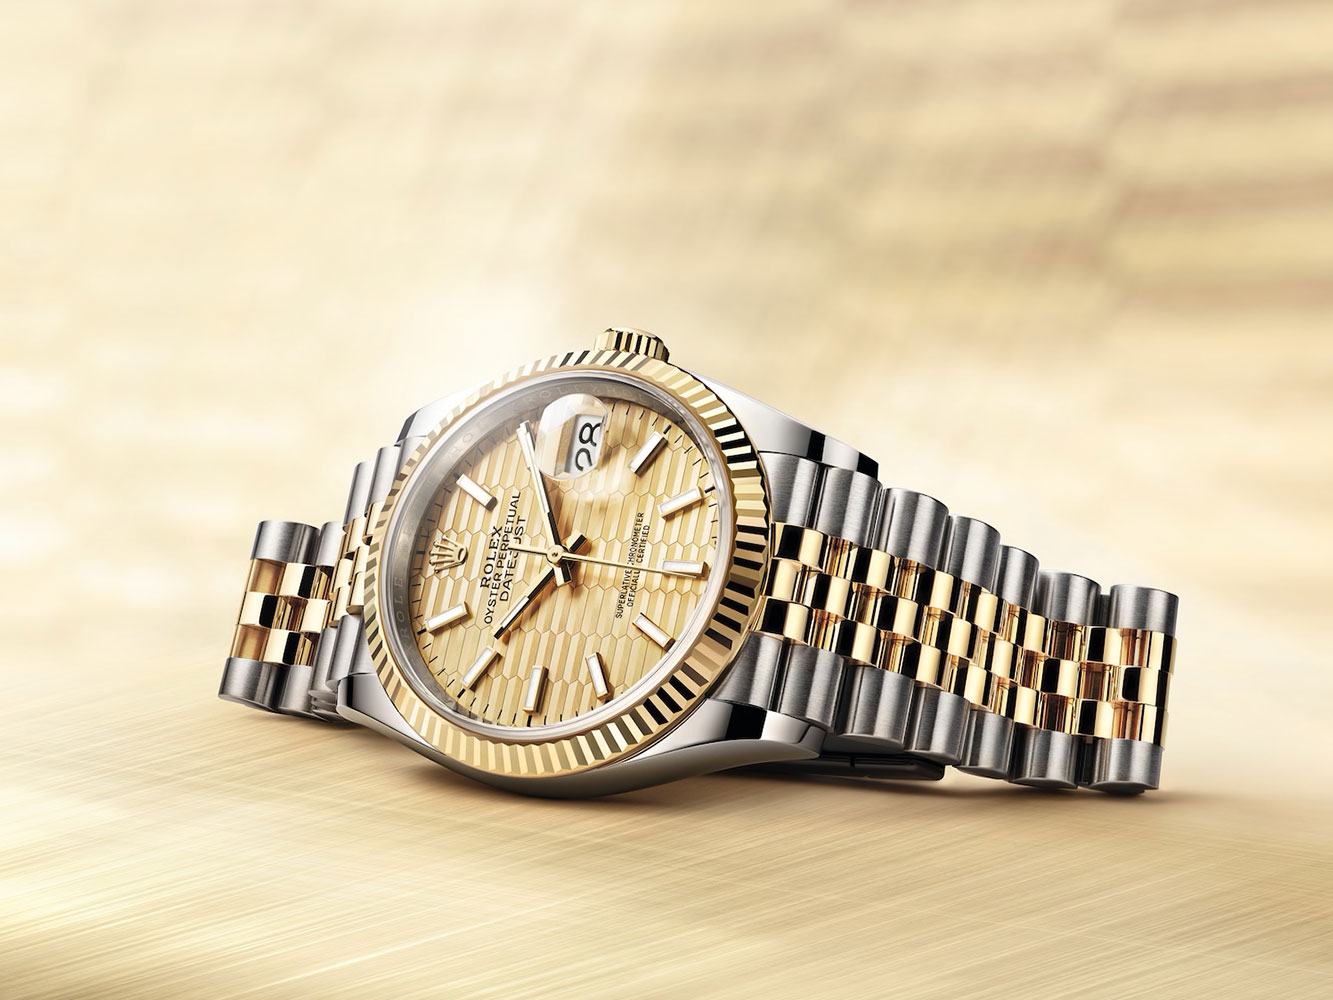 Rolex giới thiệu 16 mẫu đồng hồ mới cho 2021 7